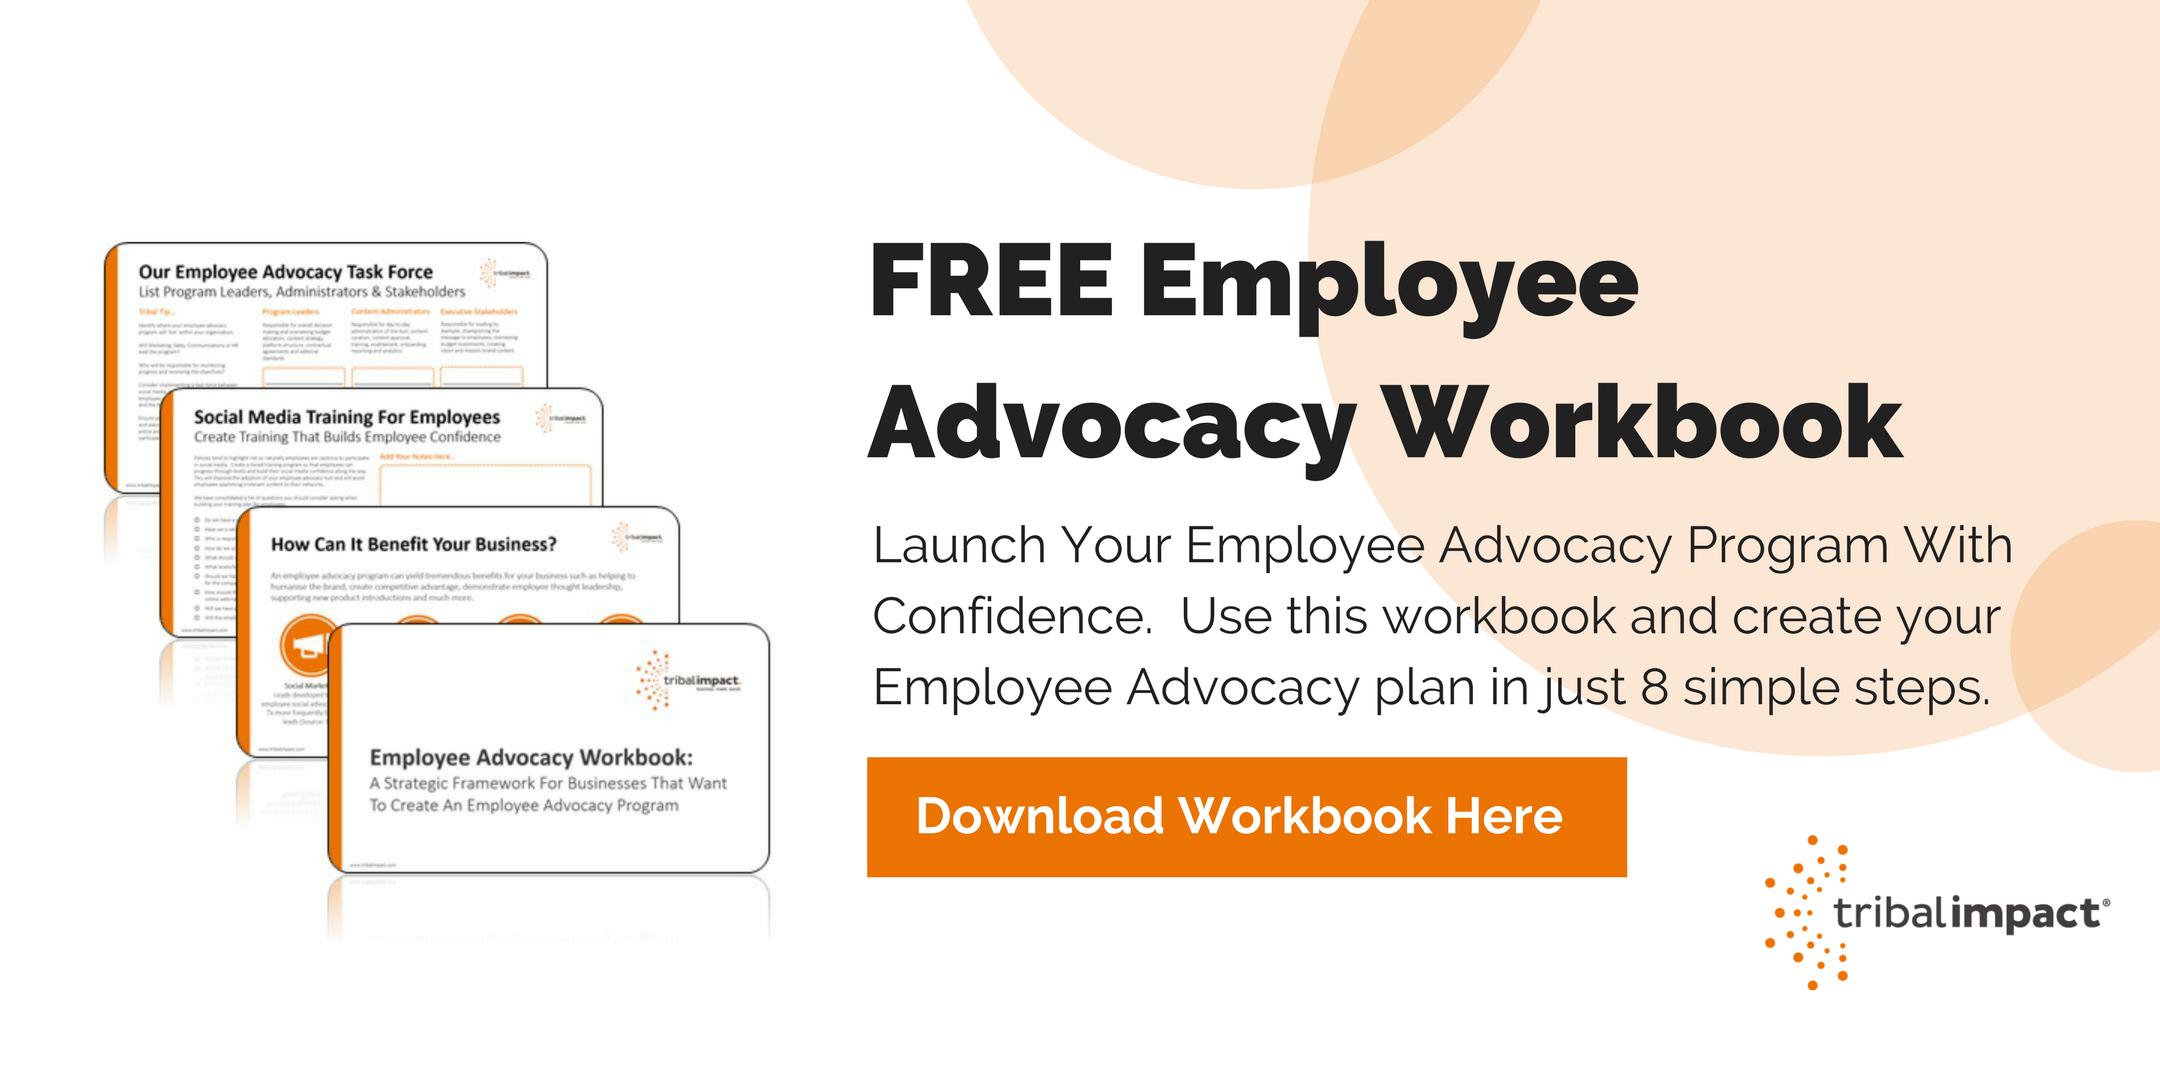 Employee Advocacy Advocacy Workbook.png